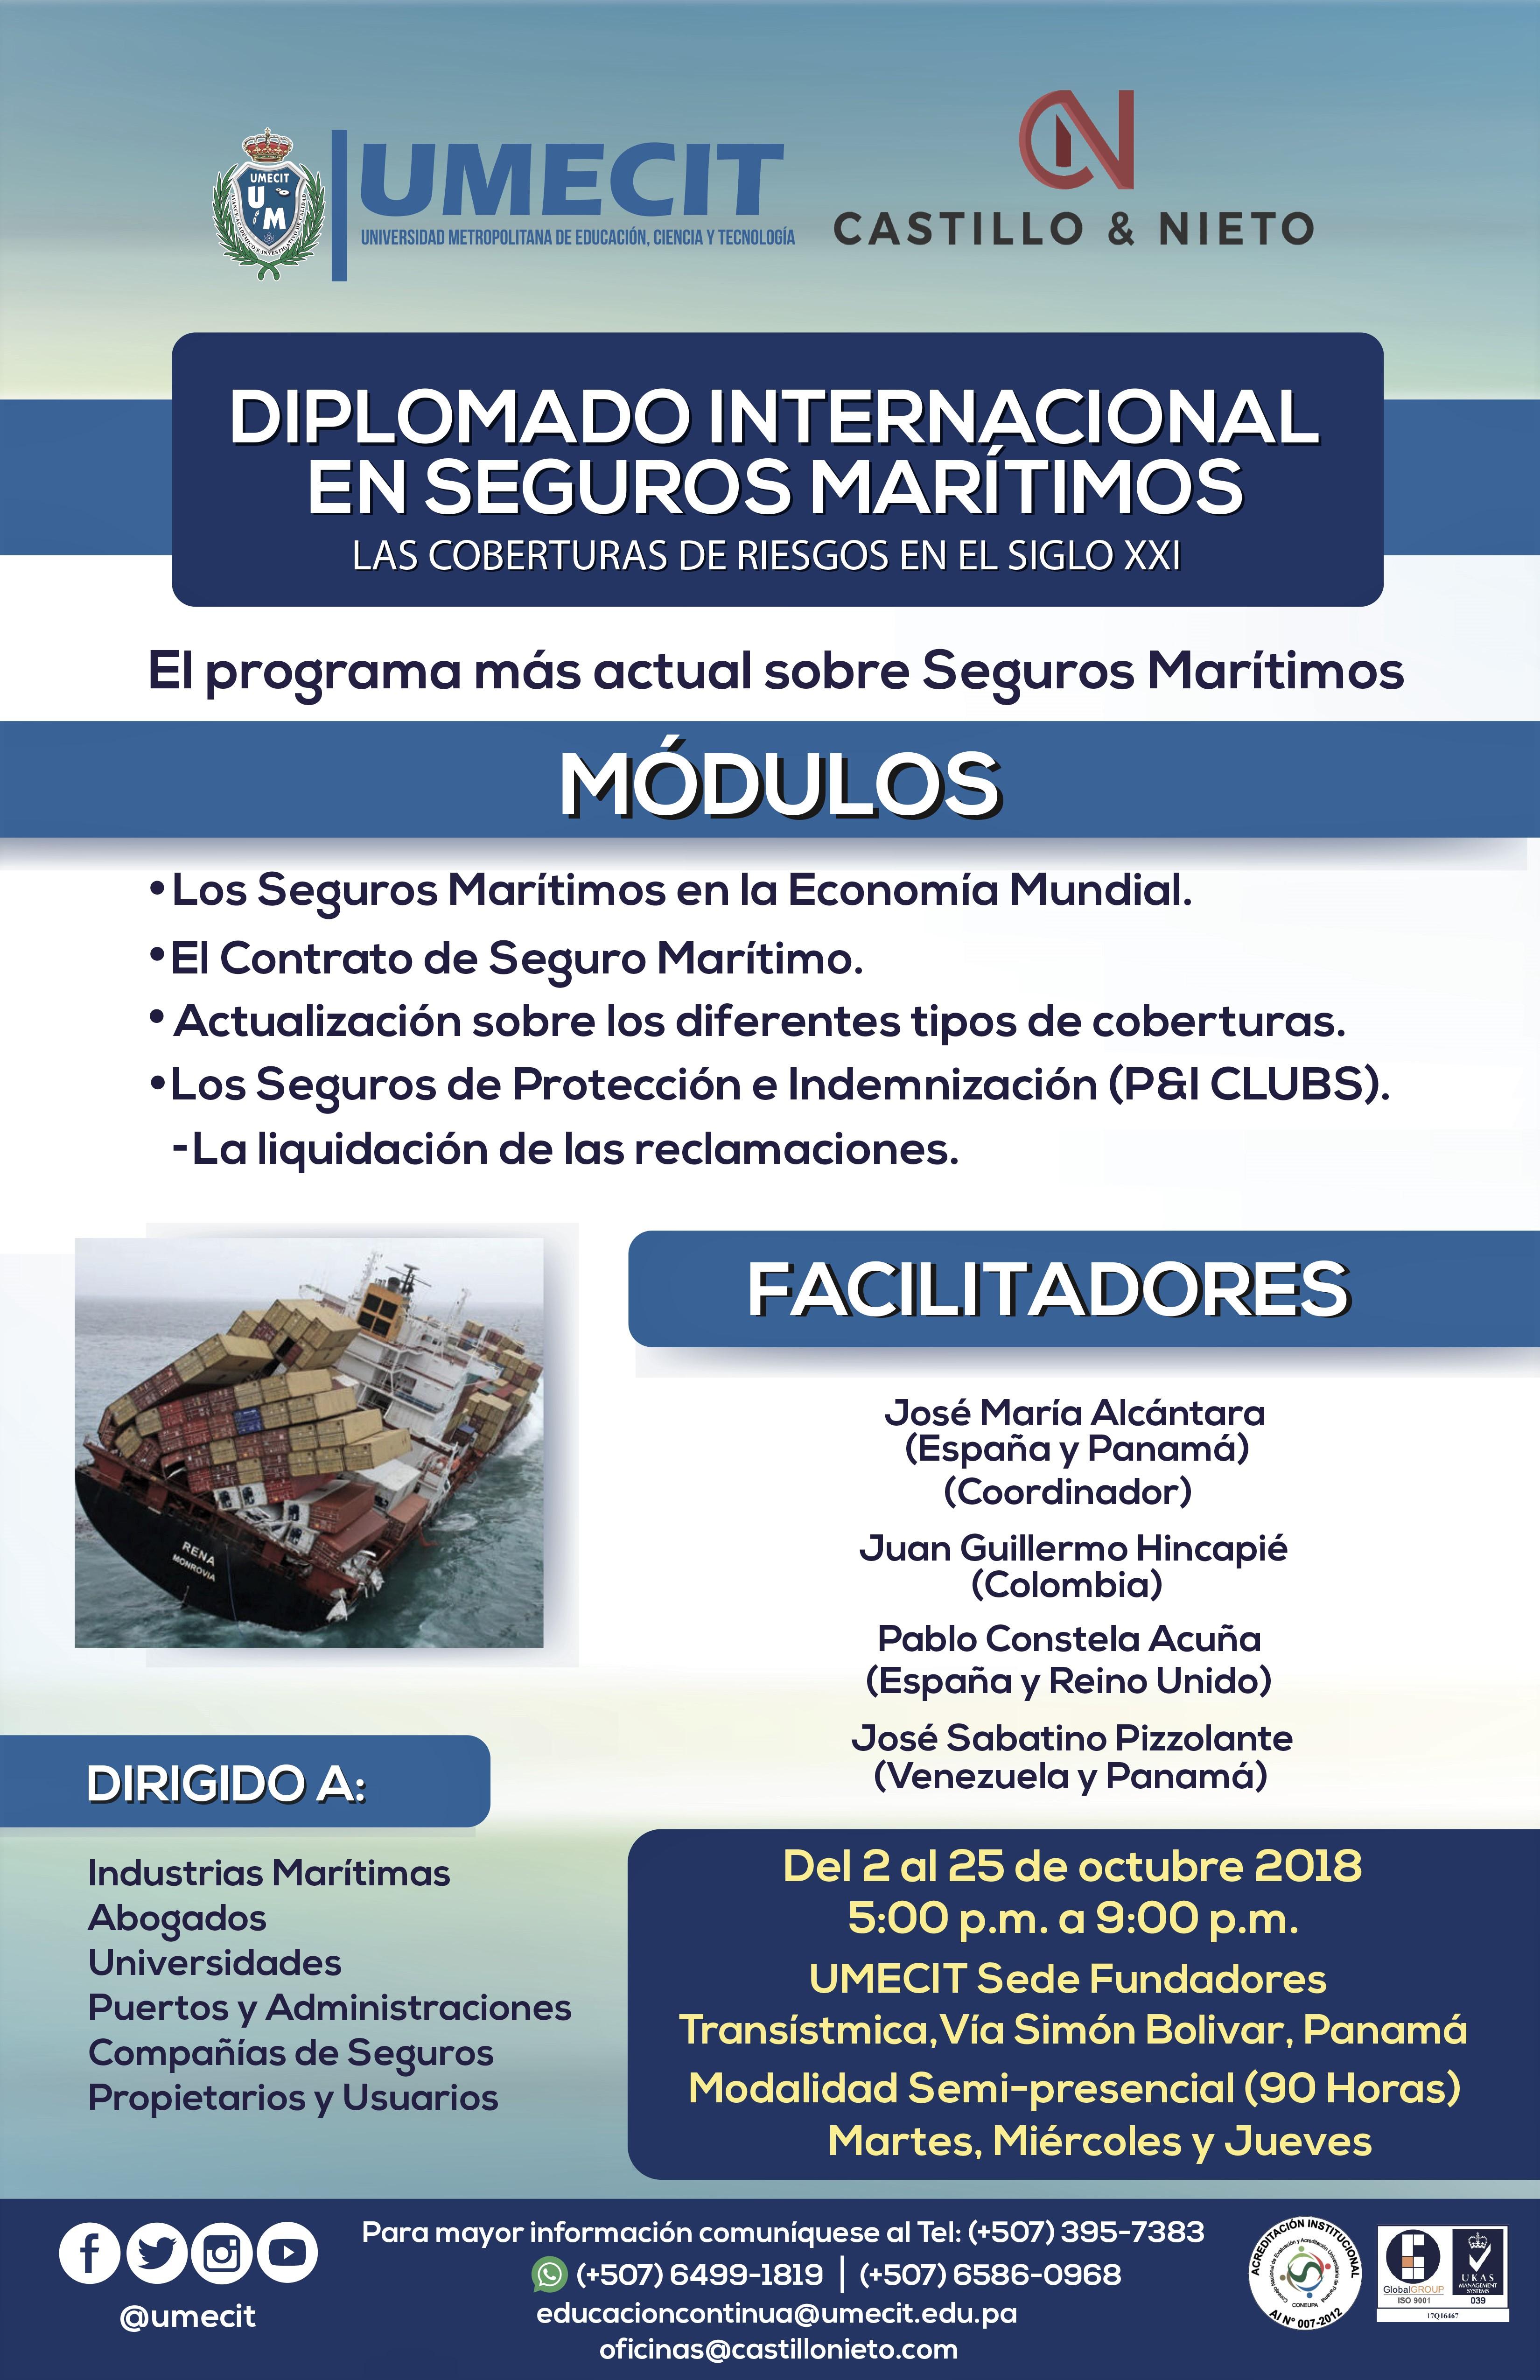 Diplomado Internacional en Seguros Marítimos